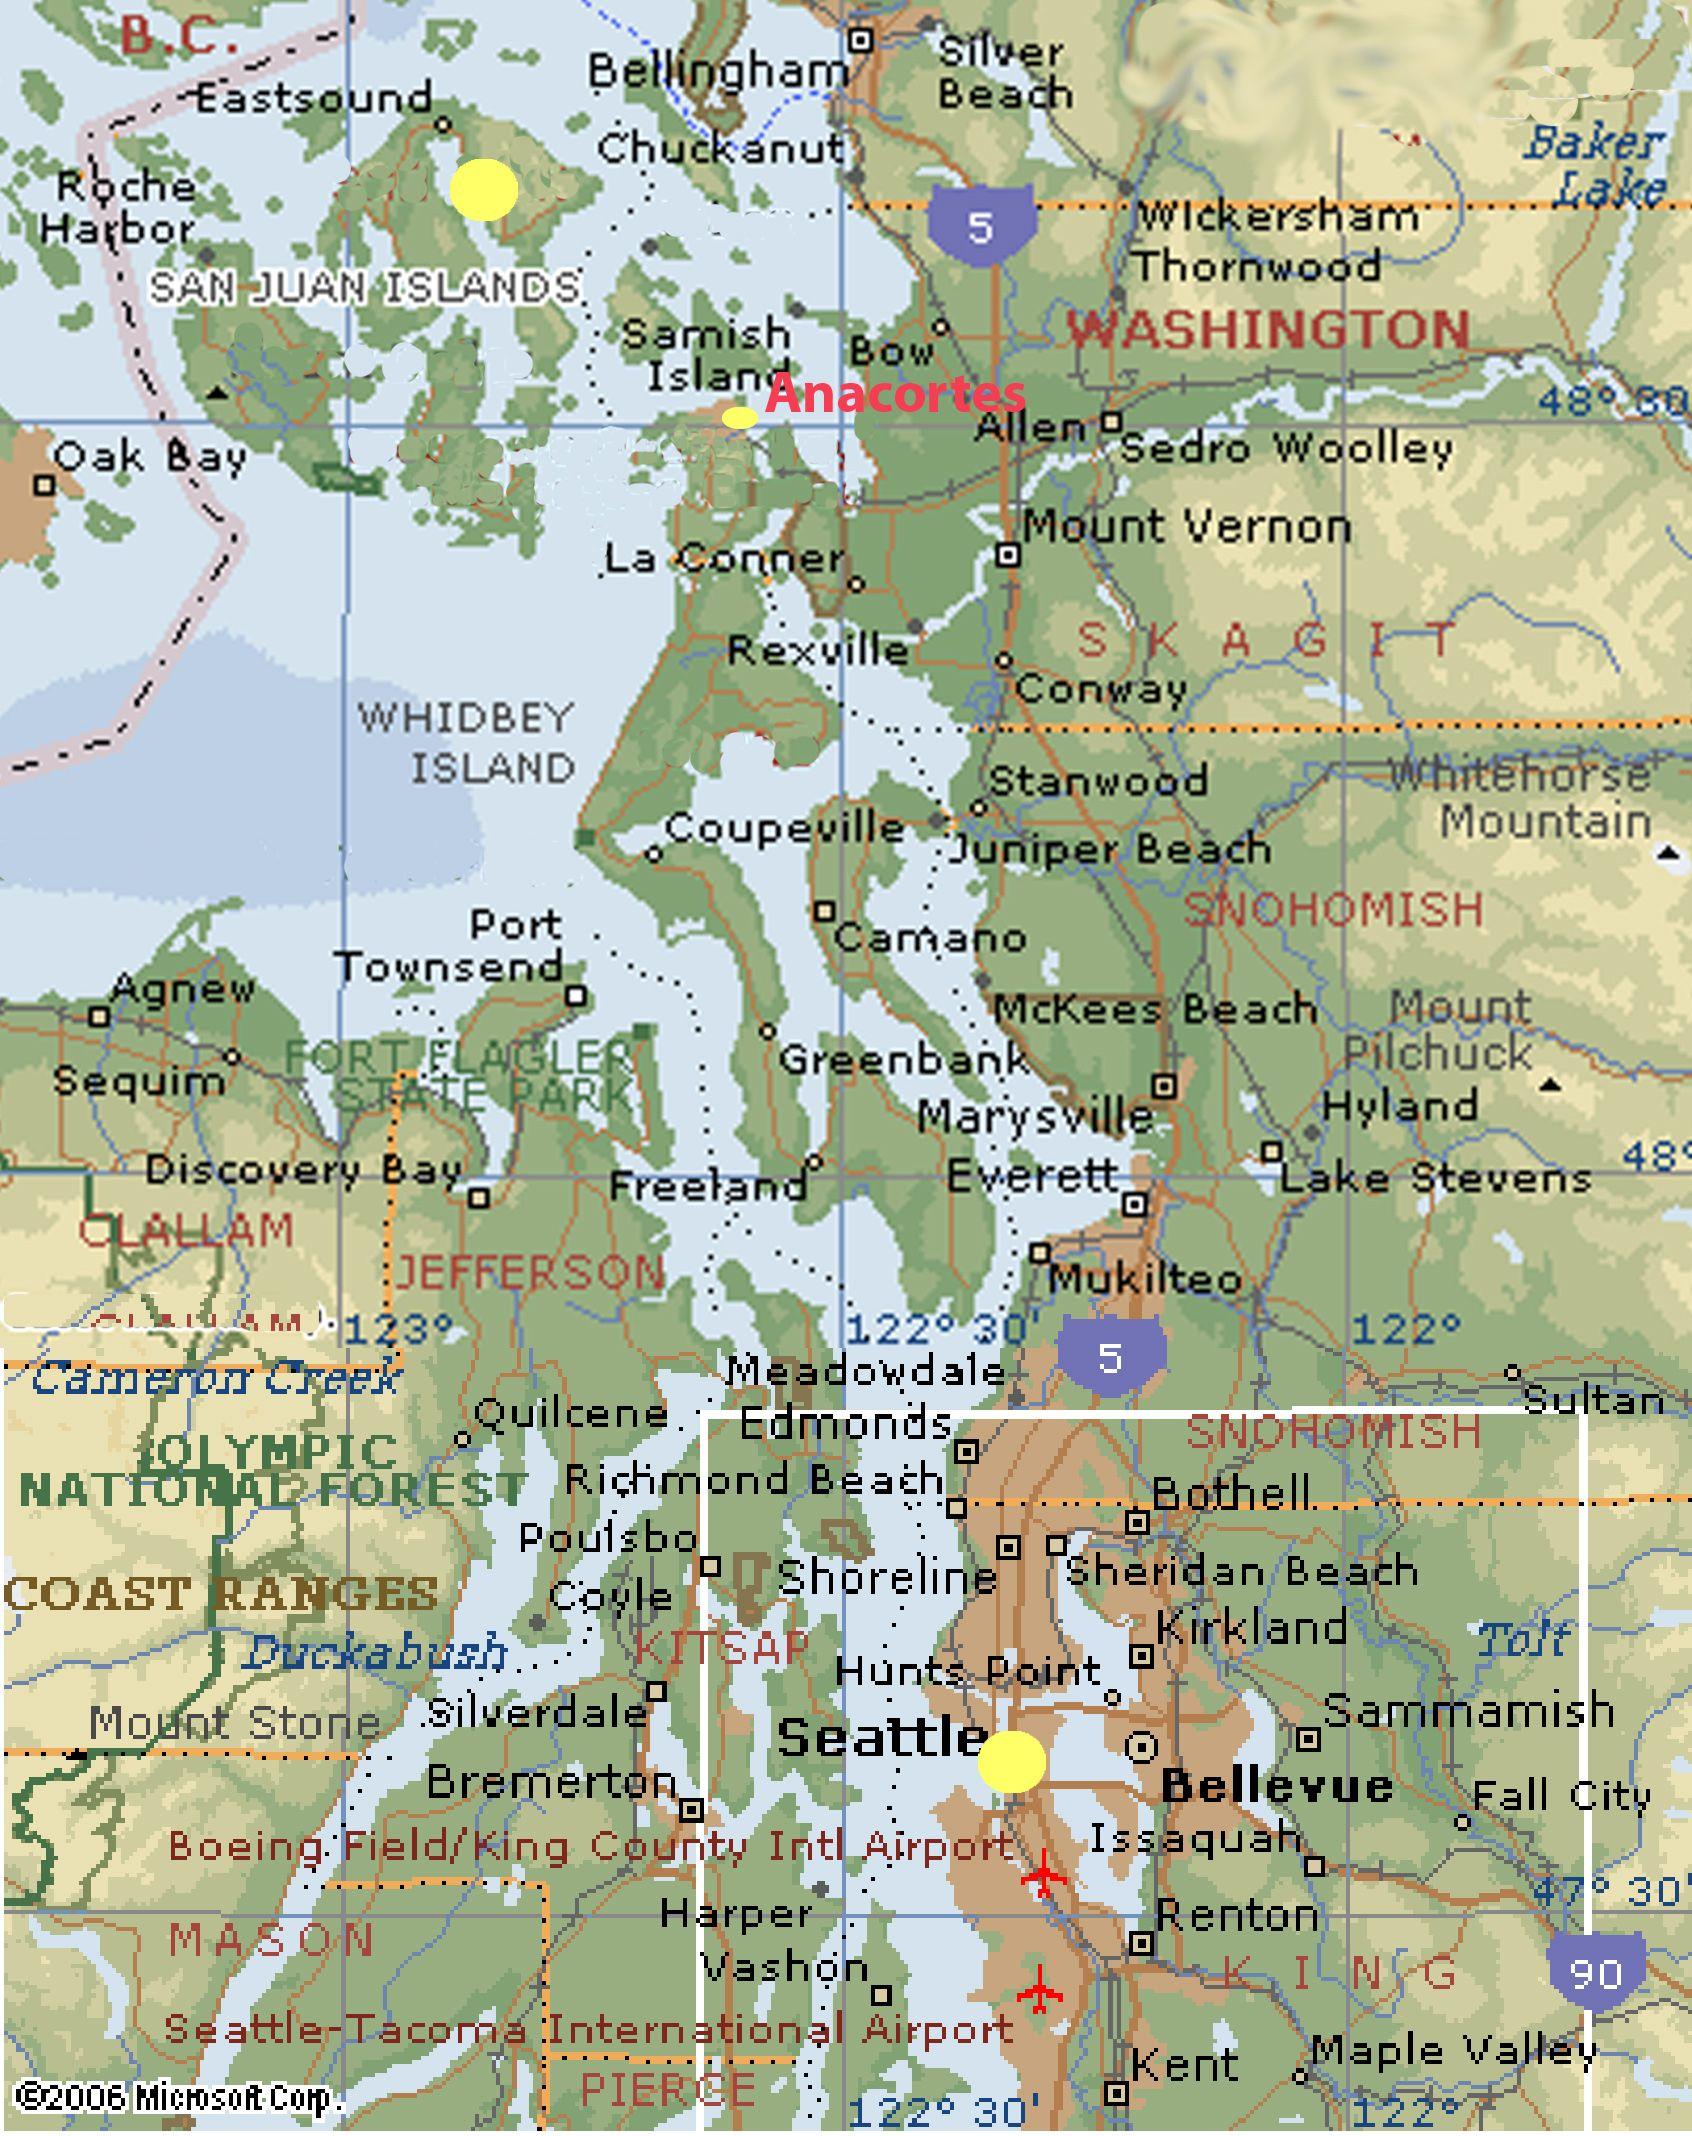 WASHINGTON COAST | Washington State - West Coast Map See map details ...